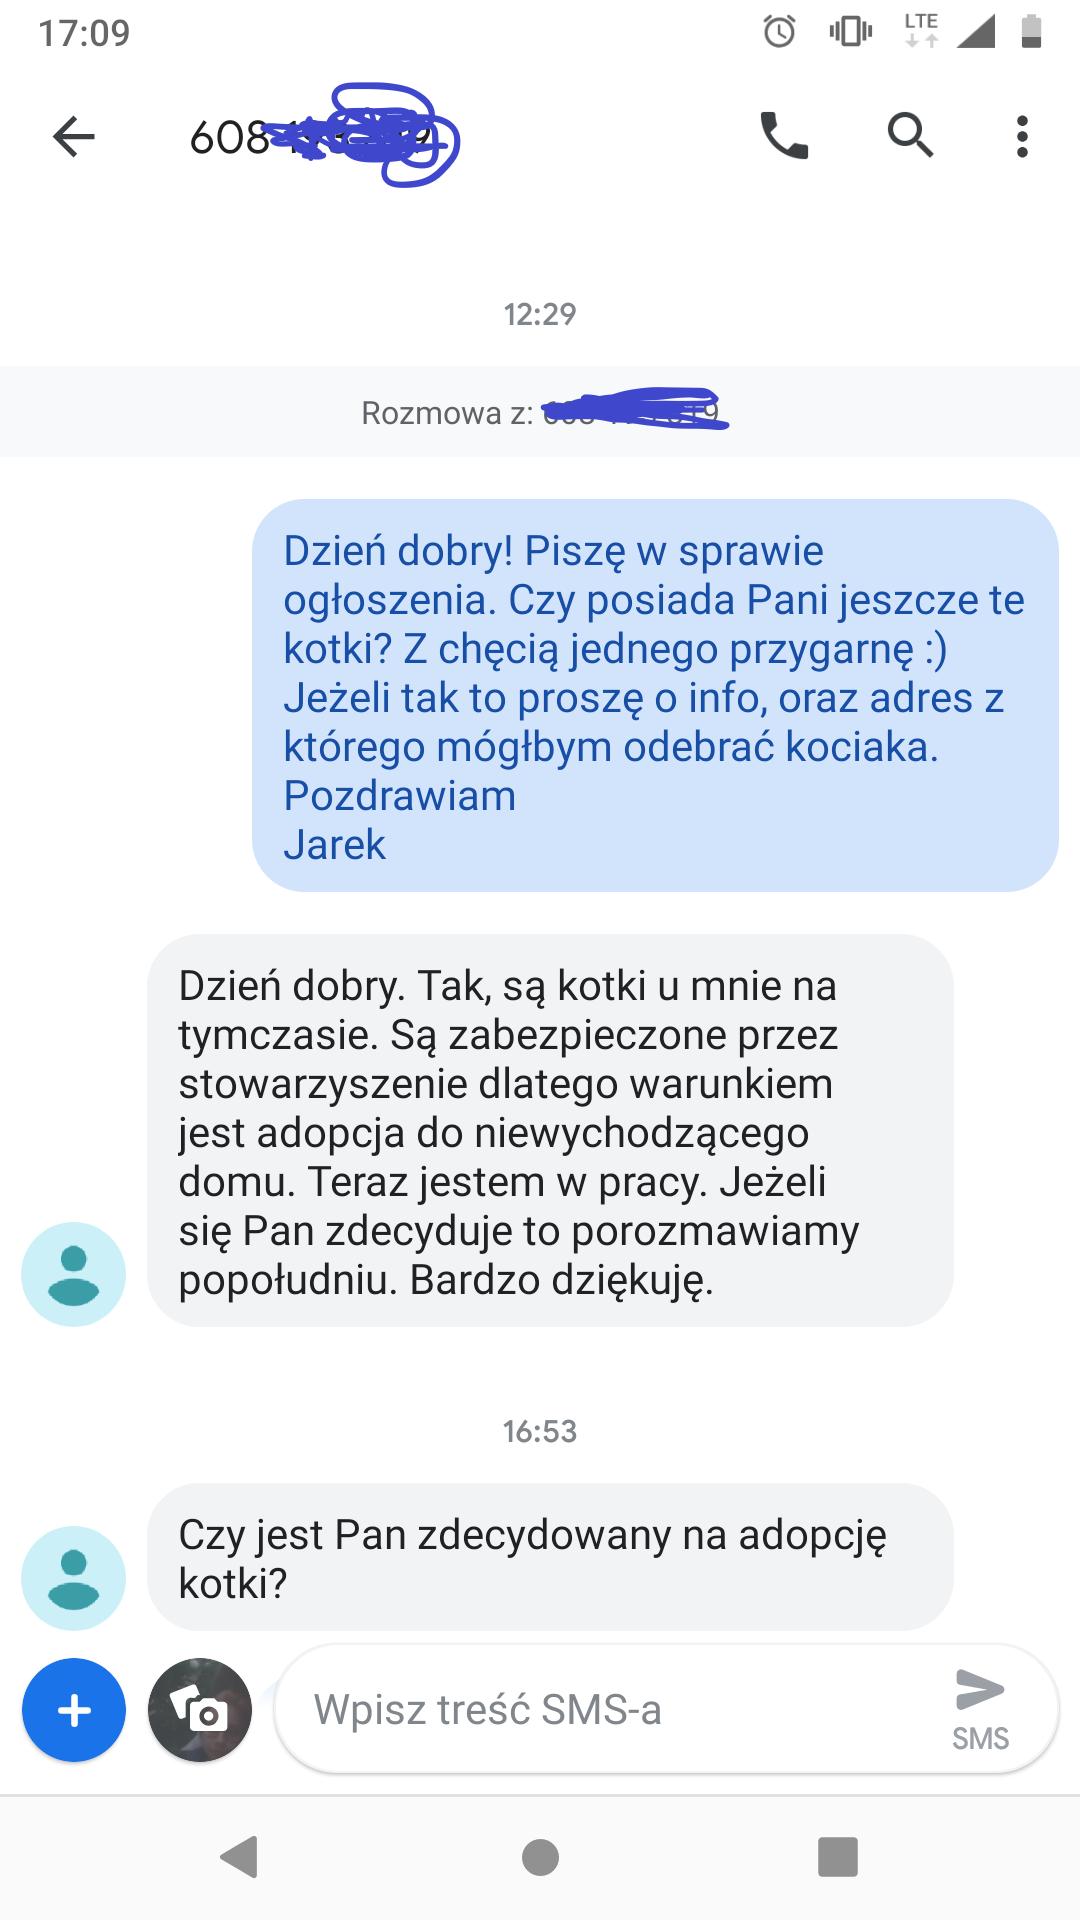 screenshot_20181221-103dy3.png